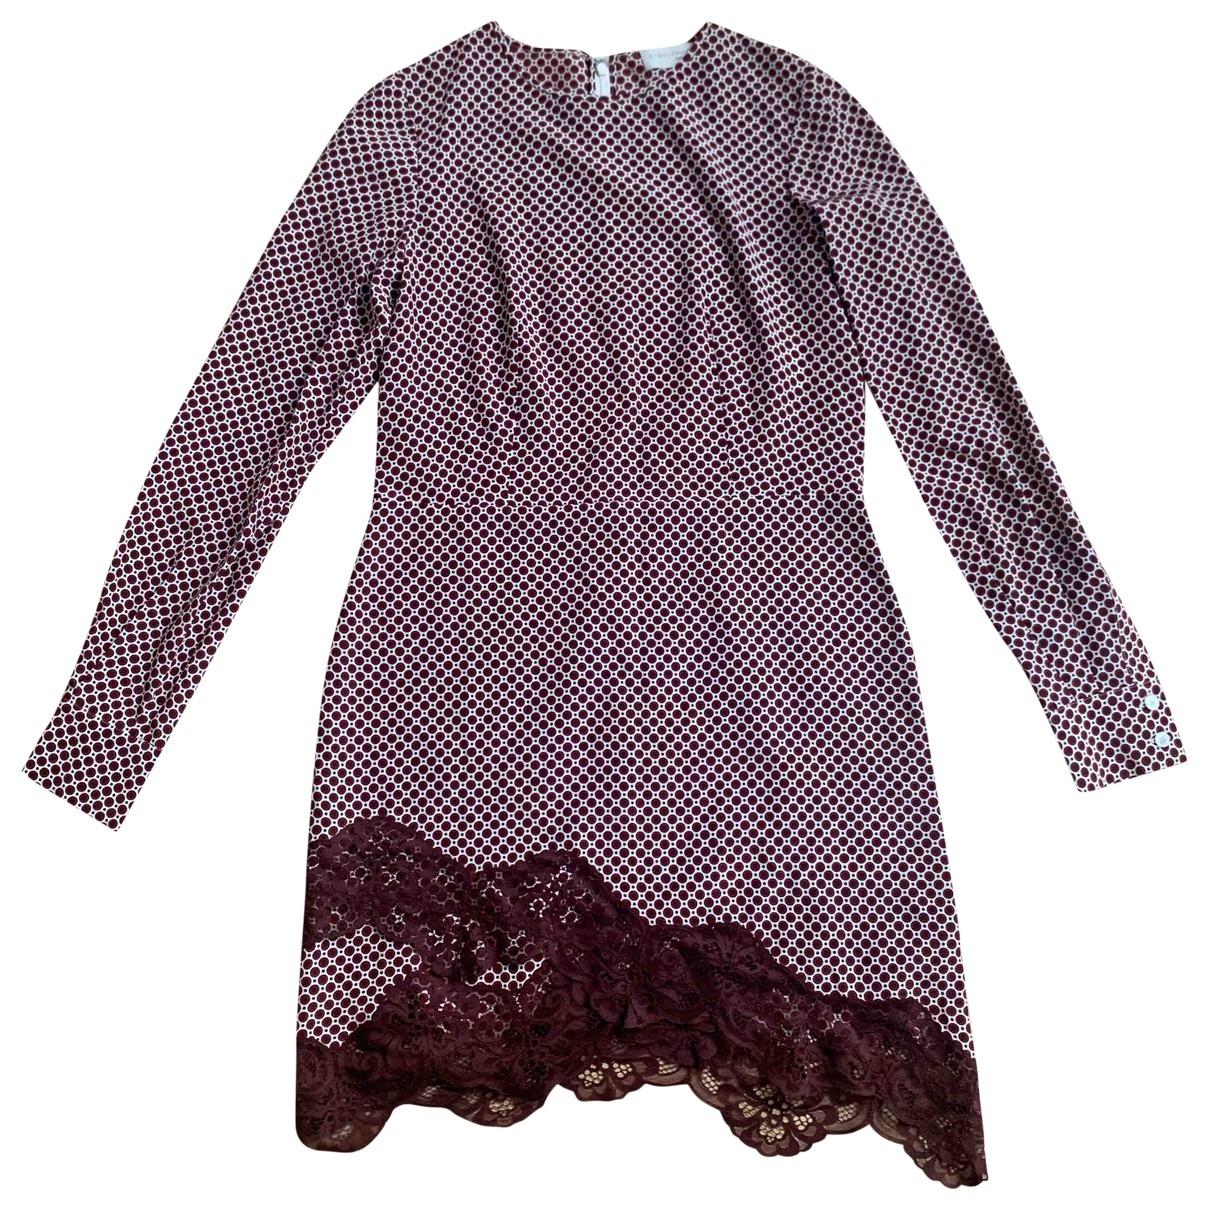 Stella Mccartney \N Silk dress for Women 40 IT